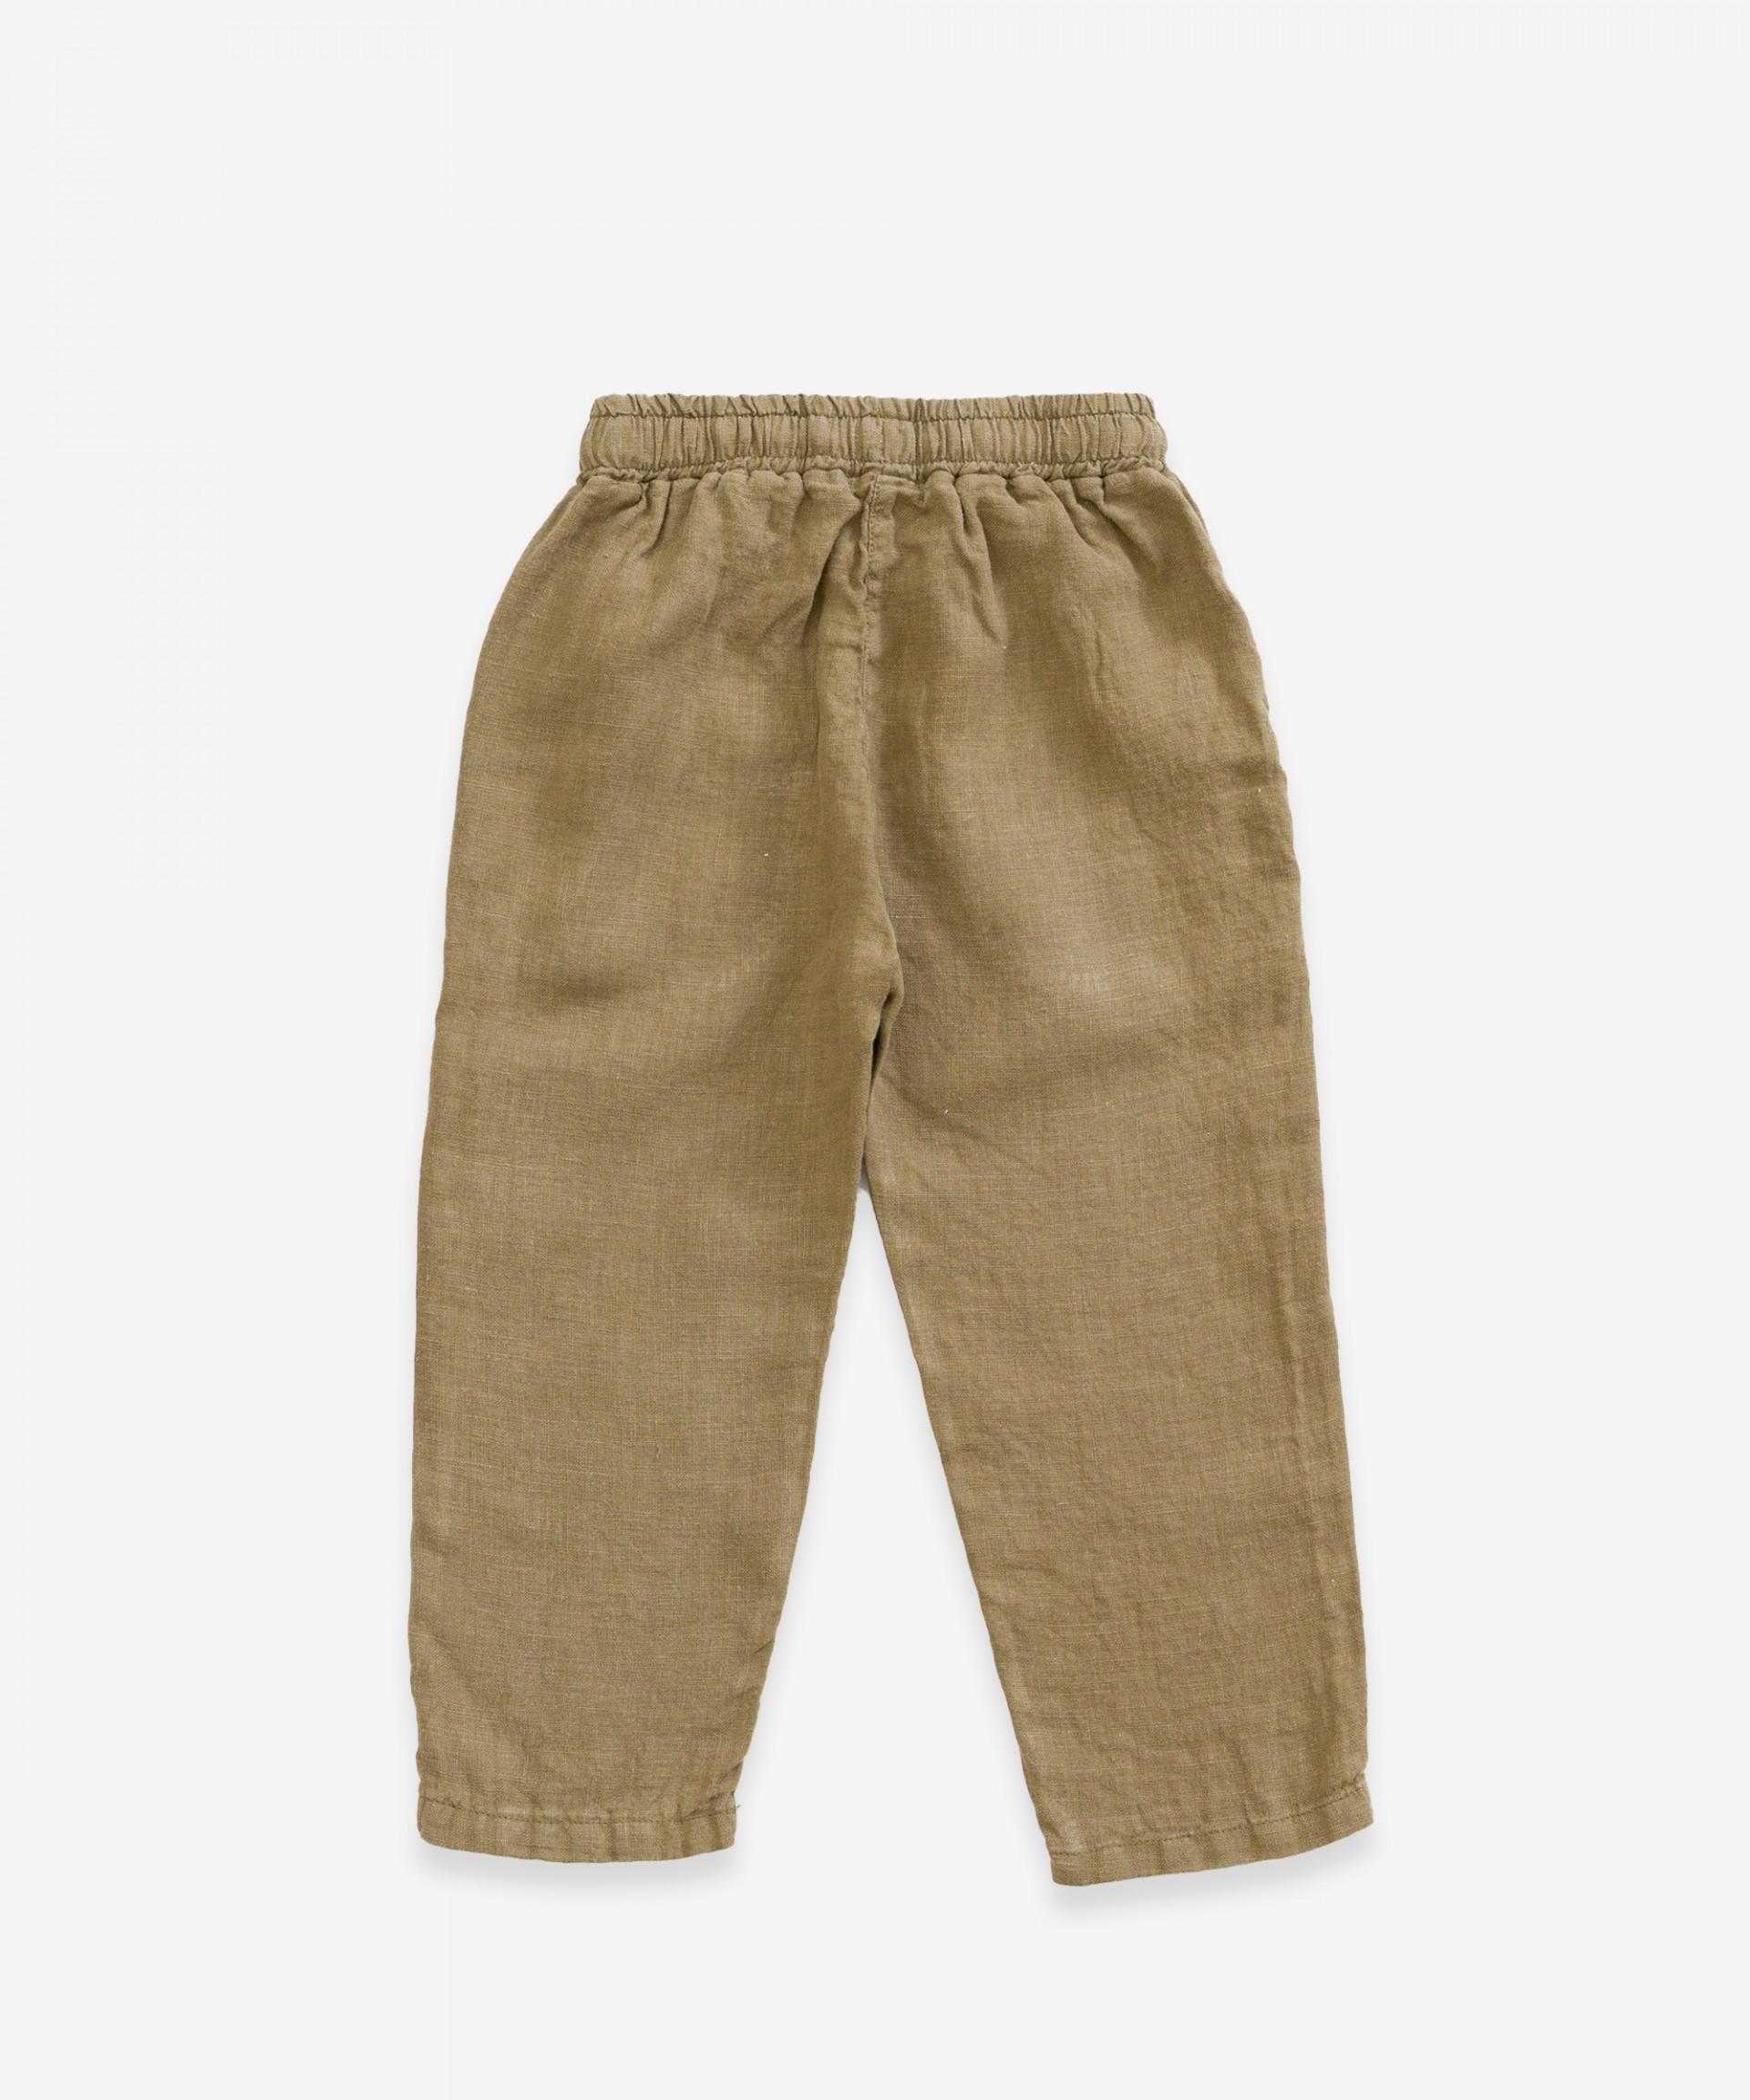 Pantalón de lino con cordón decorativo | Weaving